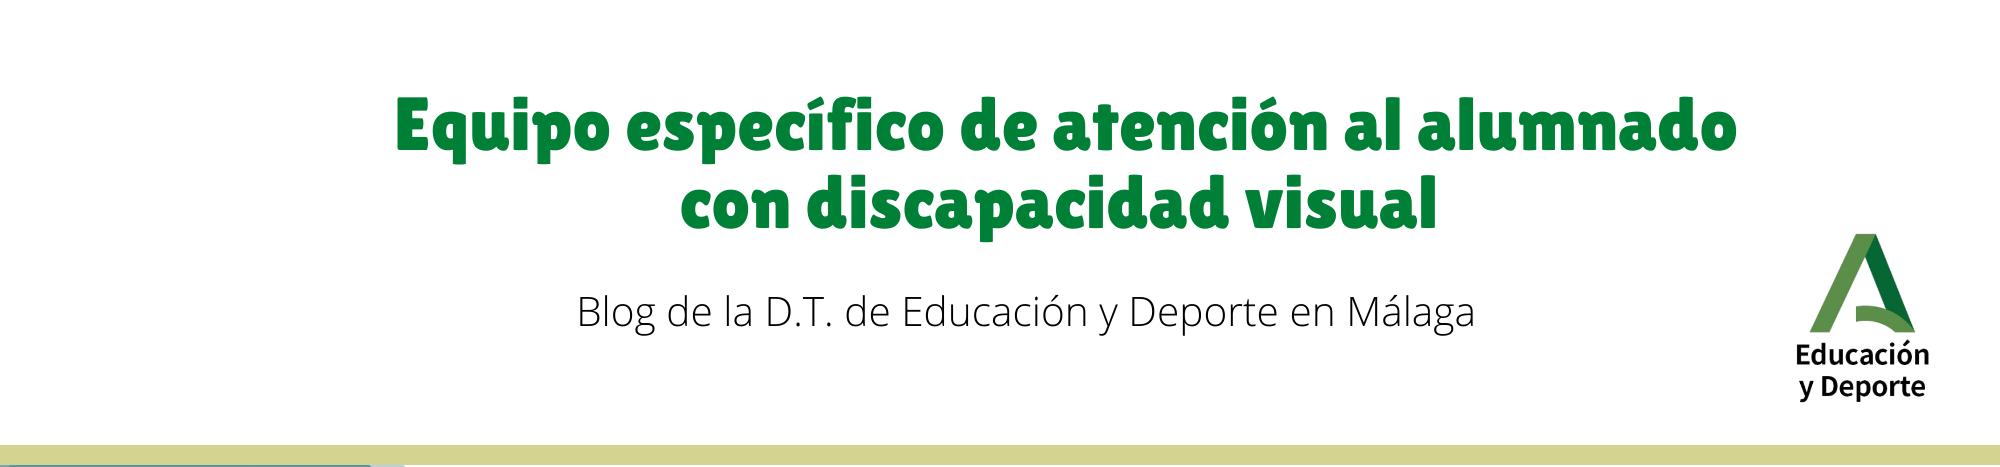 E. E. de atención al alumnado con discapacidad visual